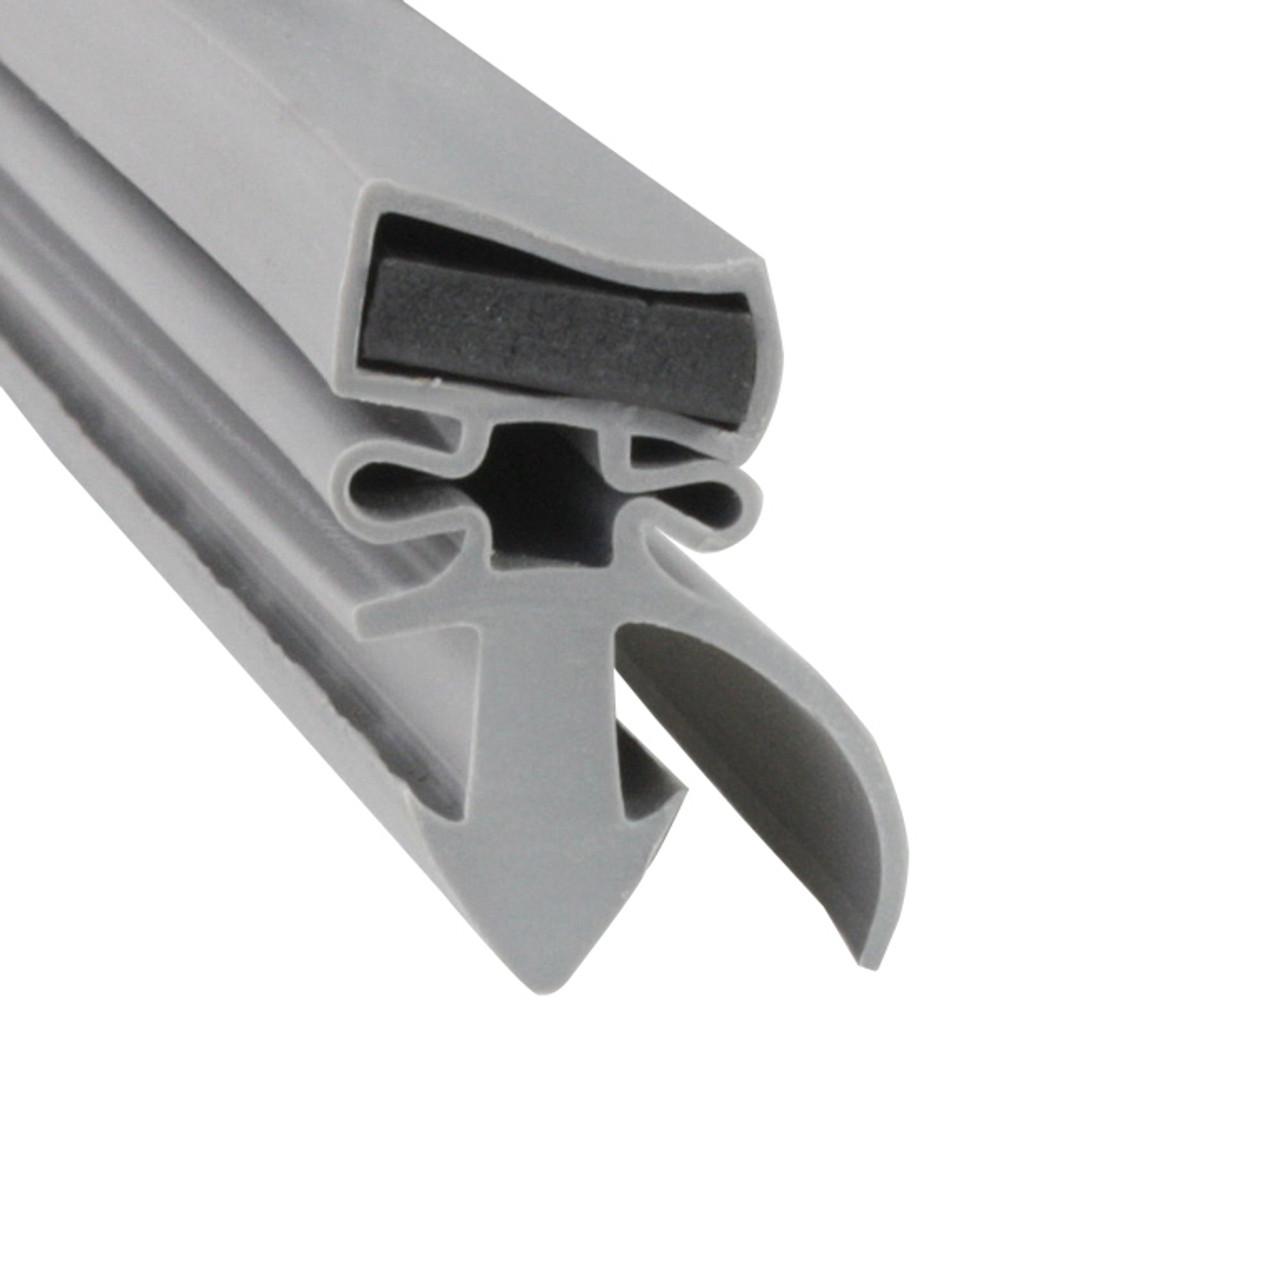 Silver King Cooler and Freezer Door Gasket 18 1/2 x 27 1/4